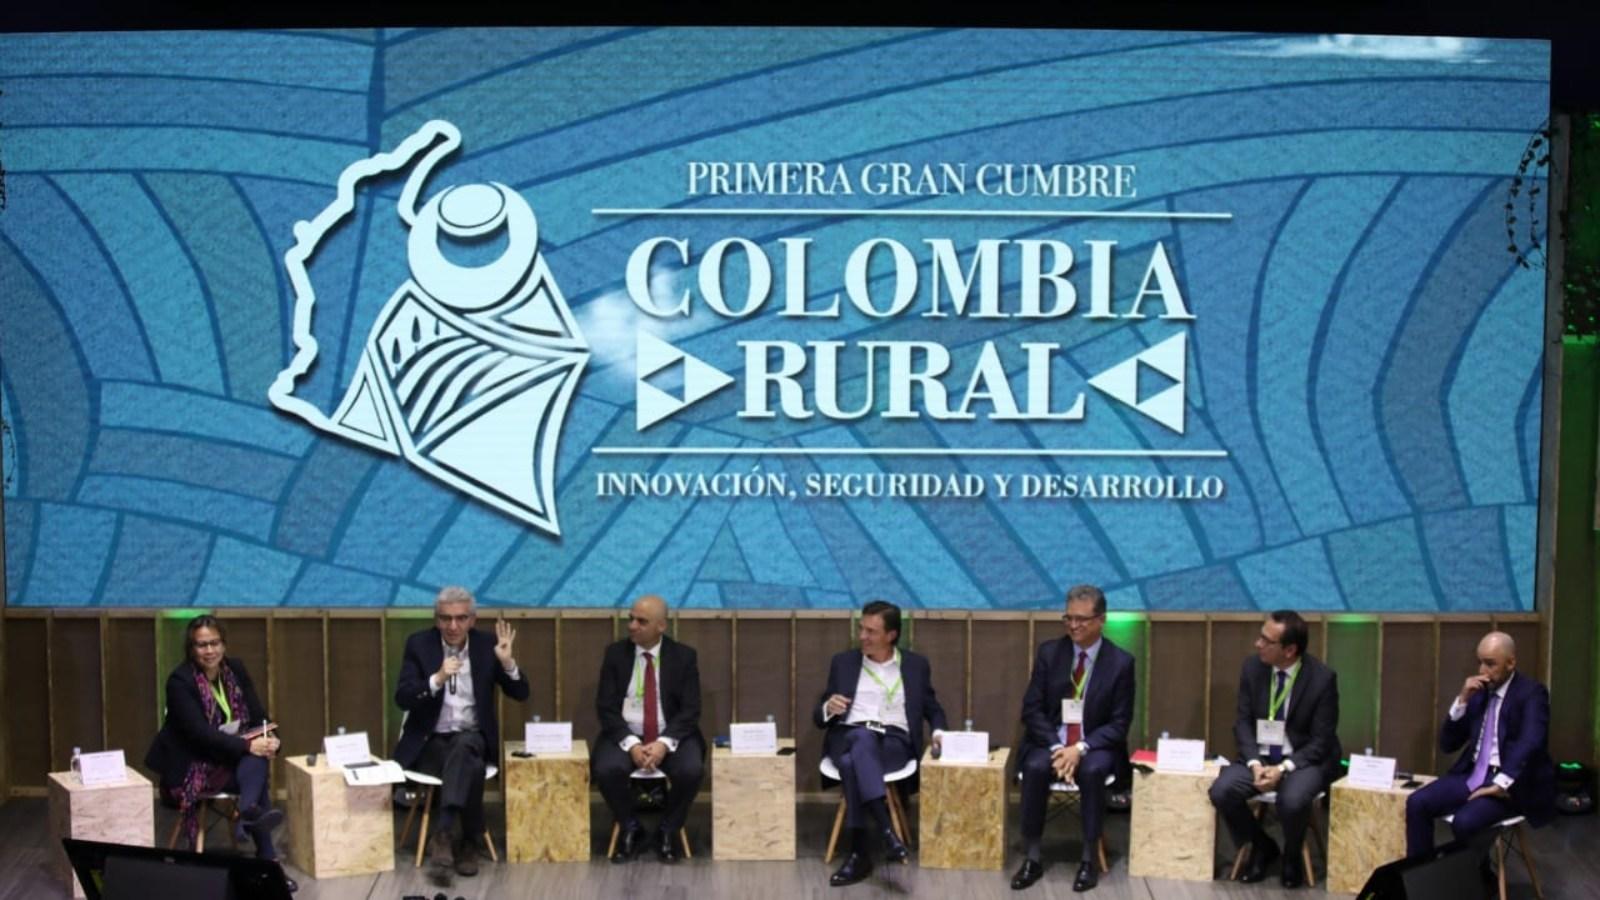 Las notas que le abrieron paso a la primera Gran Cumbre Colombia Rural